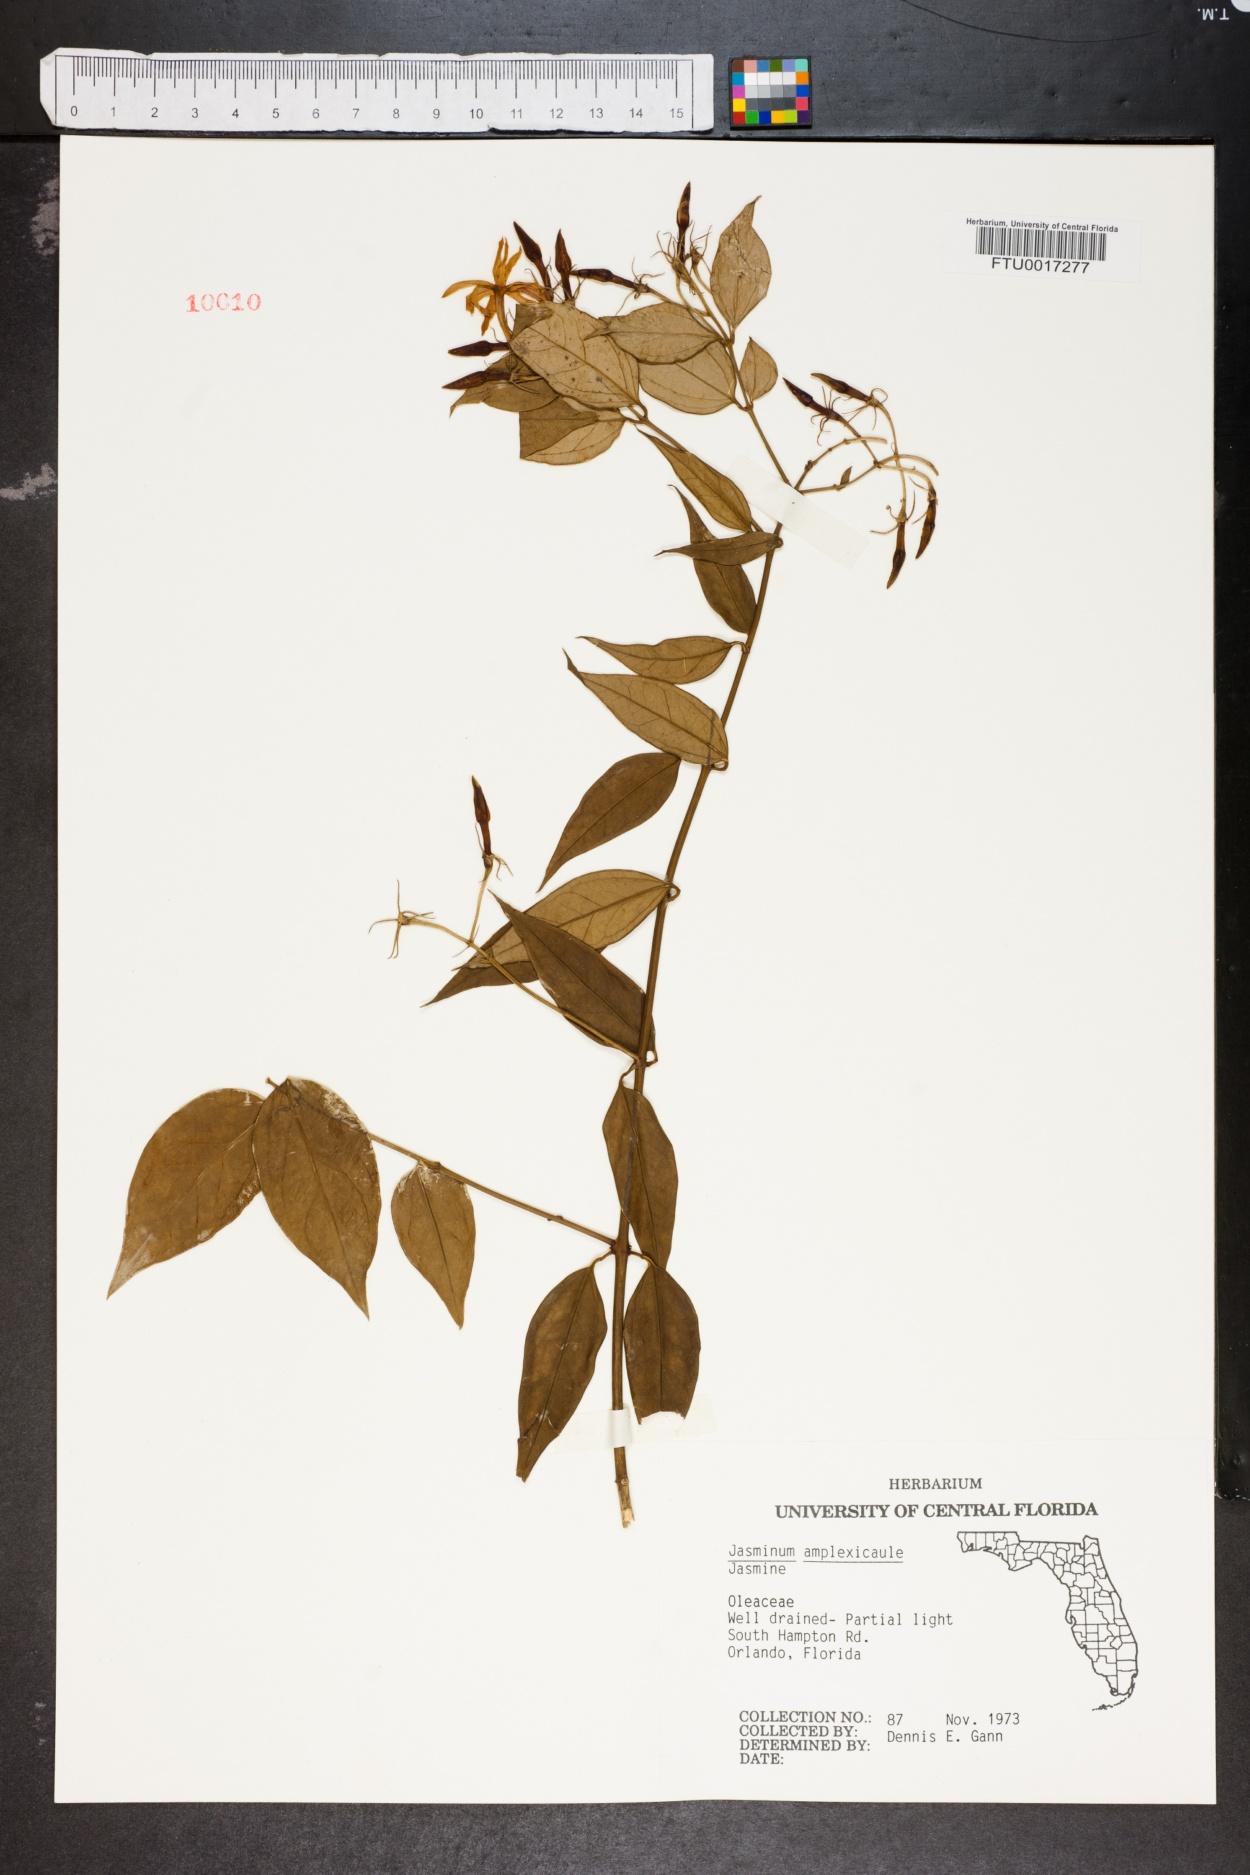 Jasminum amplexicaule image